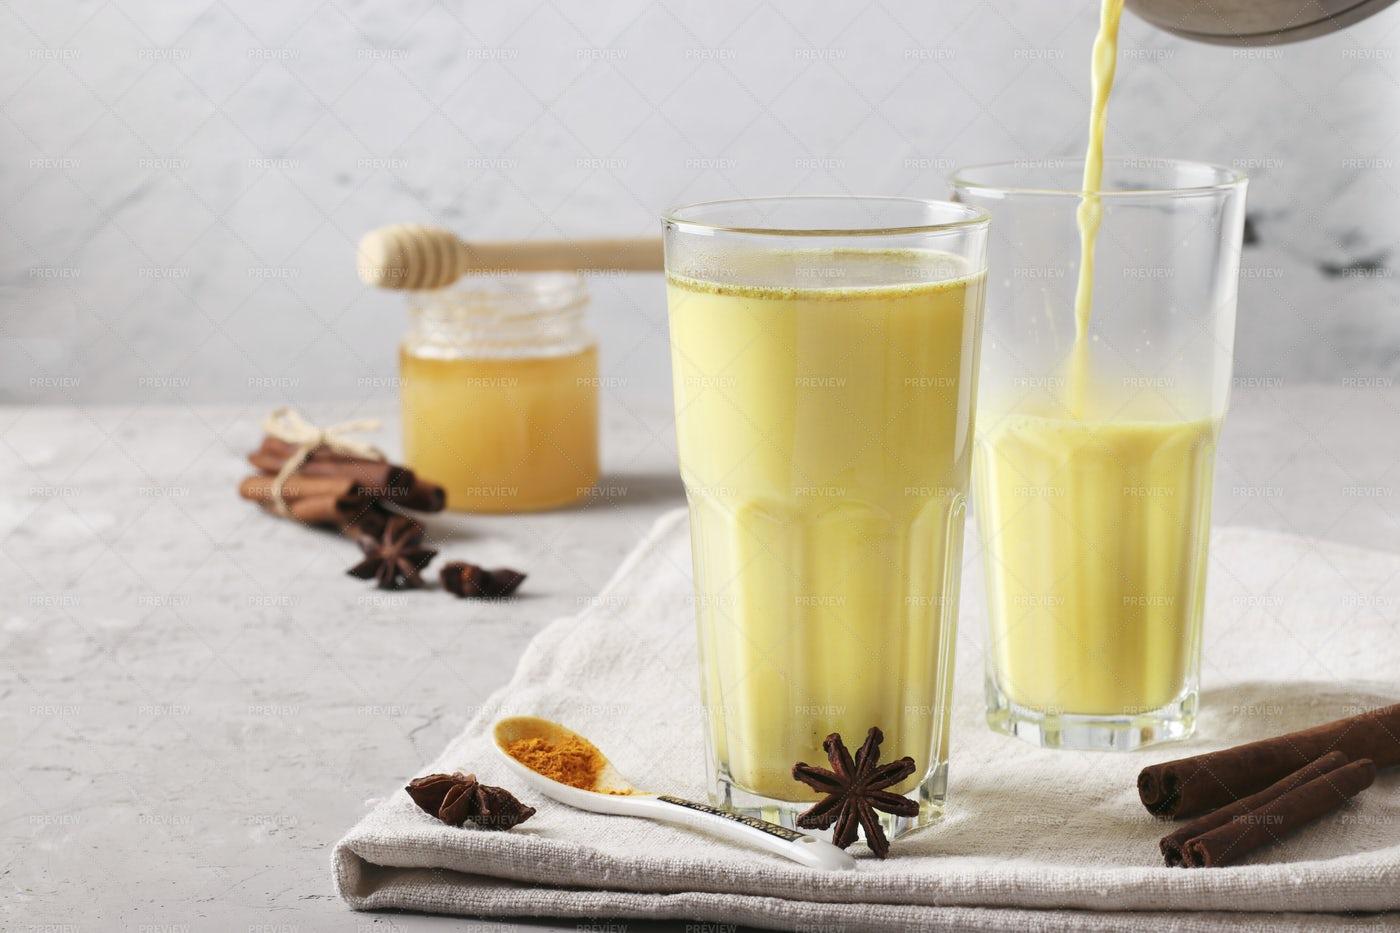 Pouring Golden Milk: Stock Photos